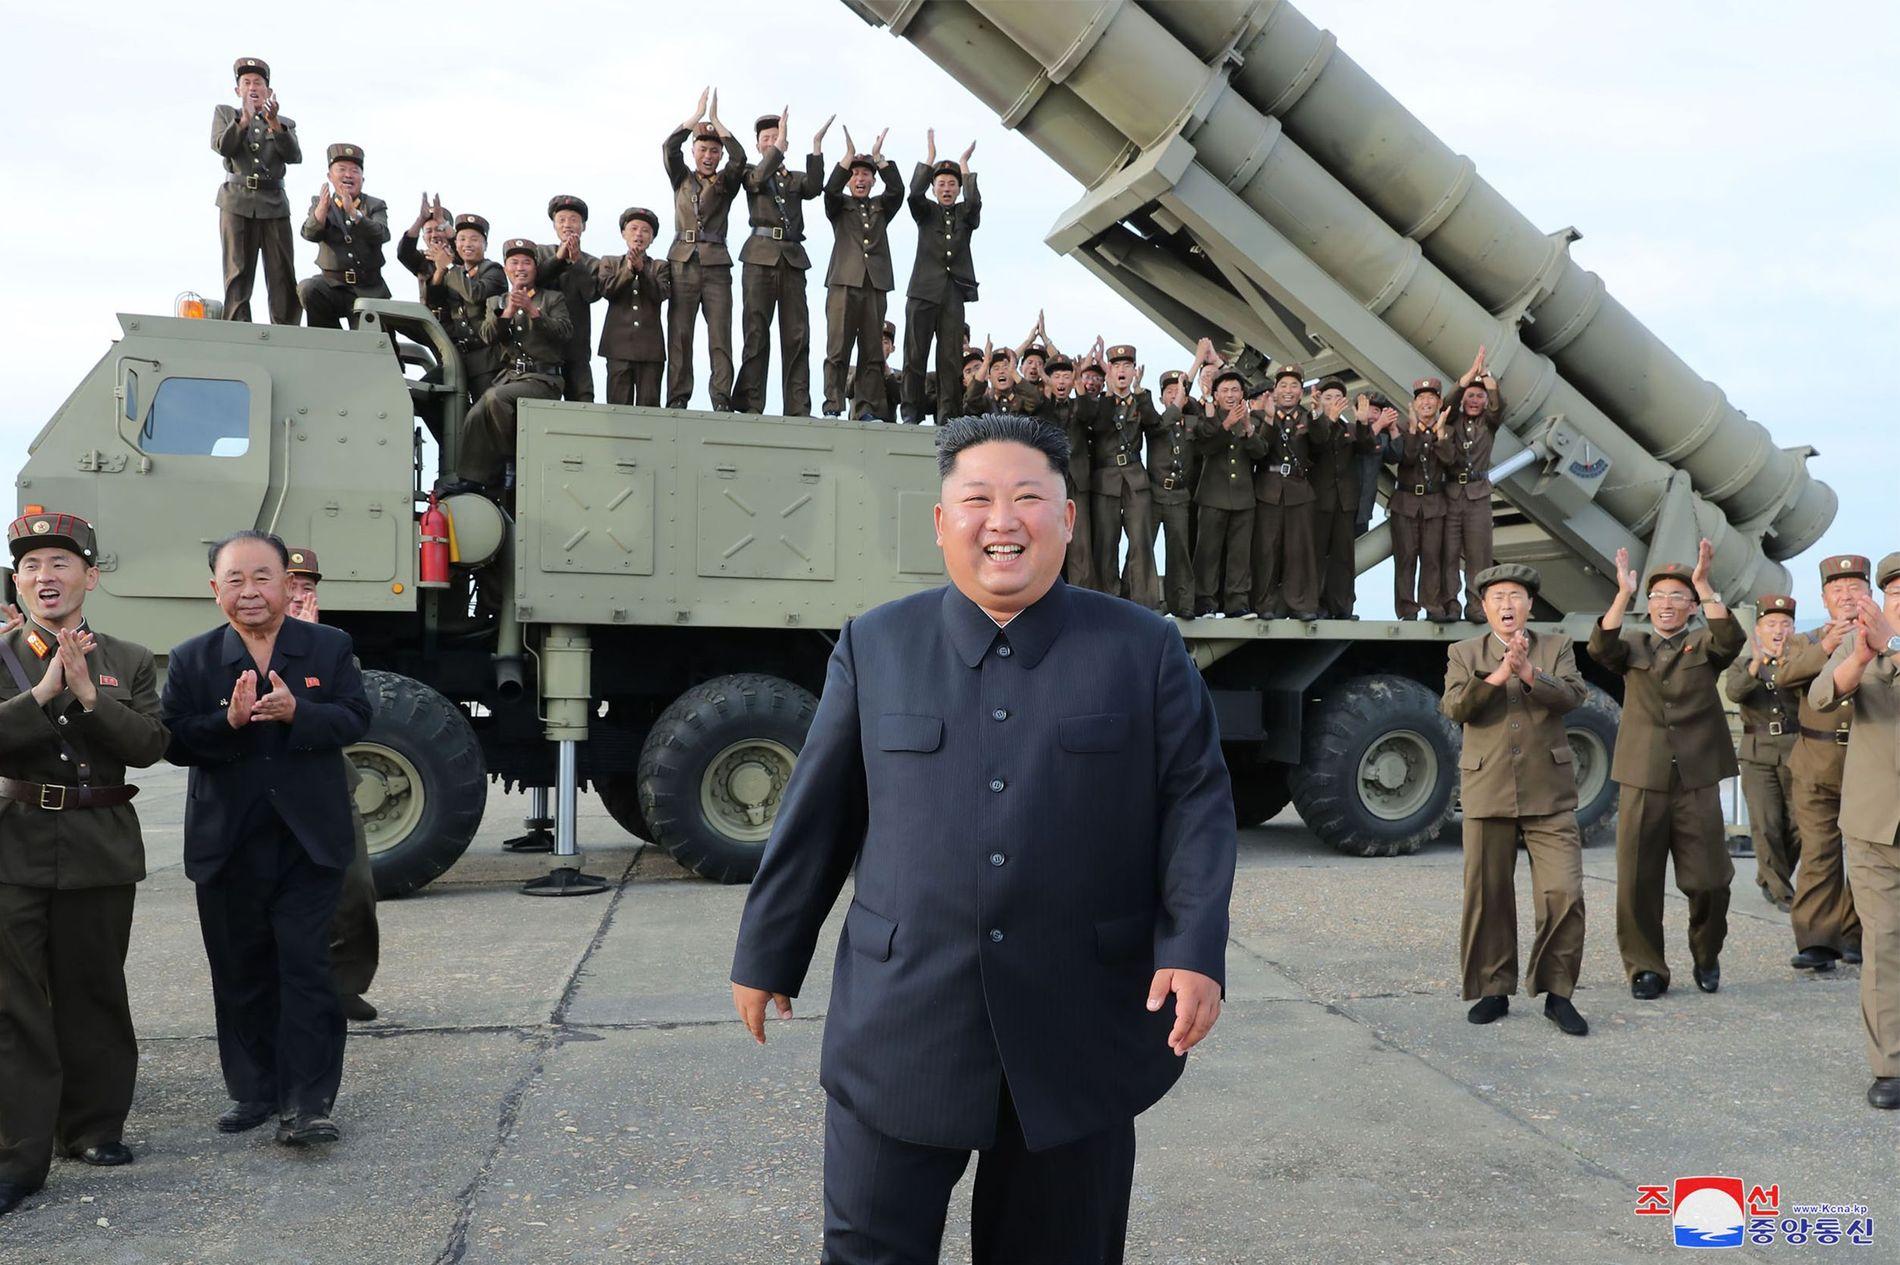 GODT FORNØYD: Nord-Koreas Kim Jong-un på bildene frigitt søndag. Ifølge landets statlige nyhetsbyrå feirer de her en vellykket rakettopskyting.